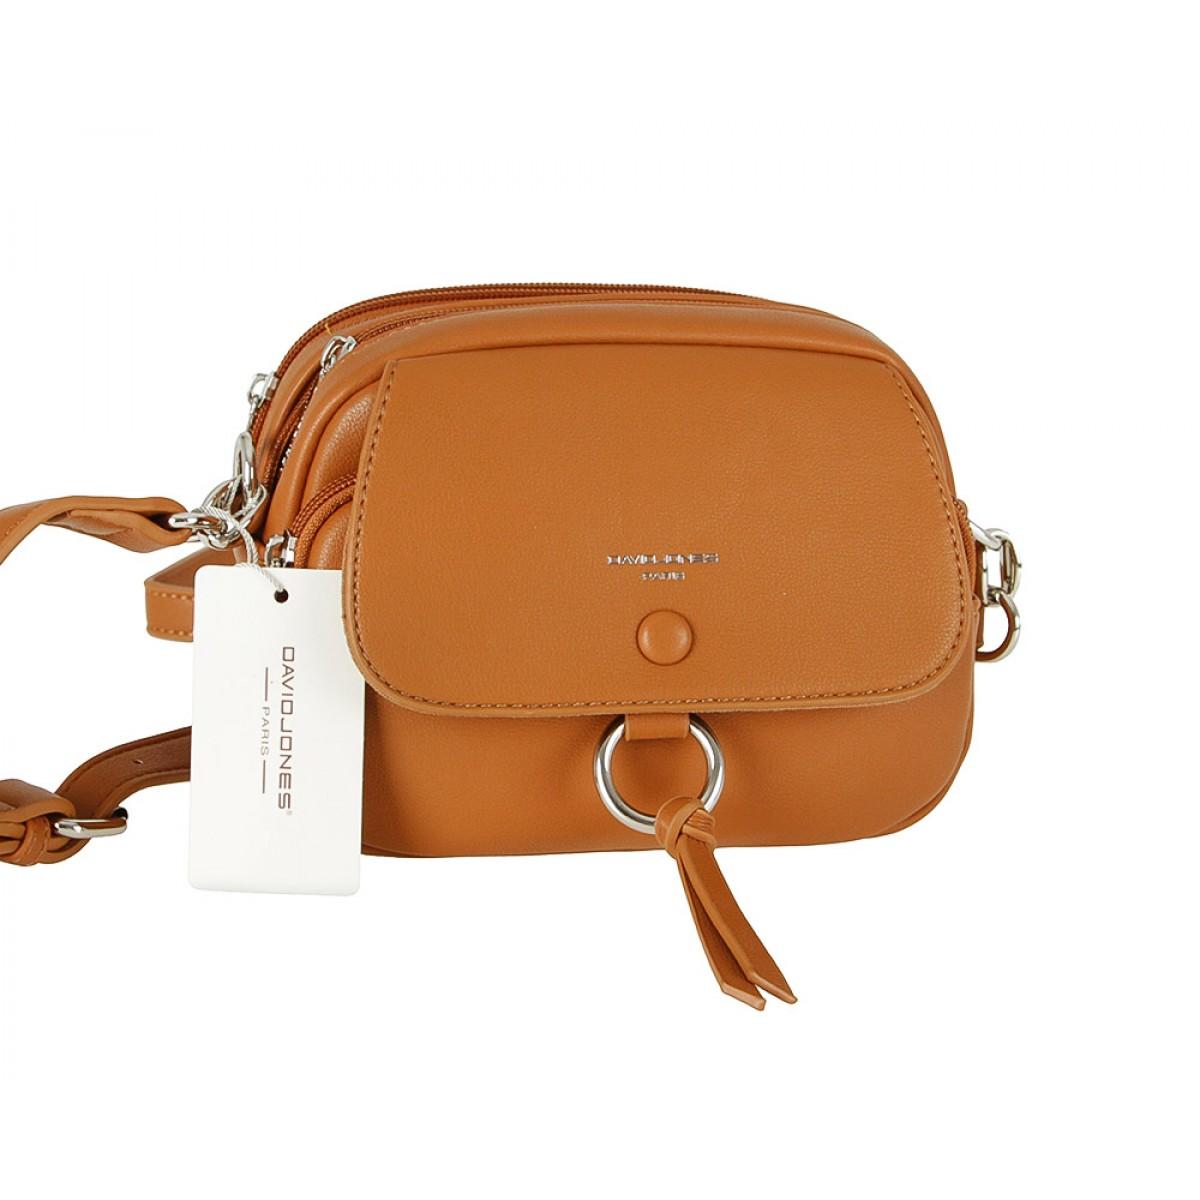 Жіноча сумка David Jones 6277-1 COGNAC